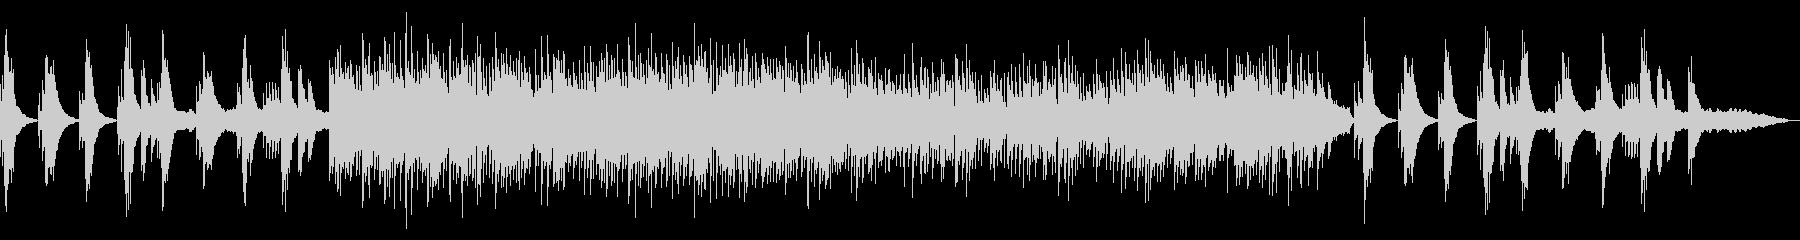 退廃的な雰囲気のBGMの未再生の波形